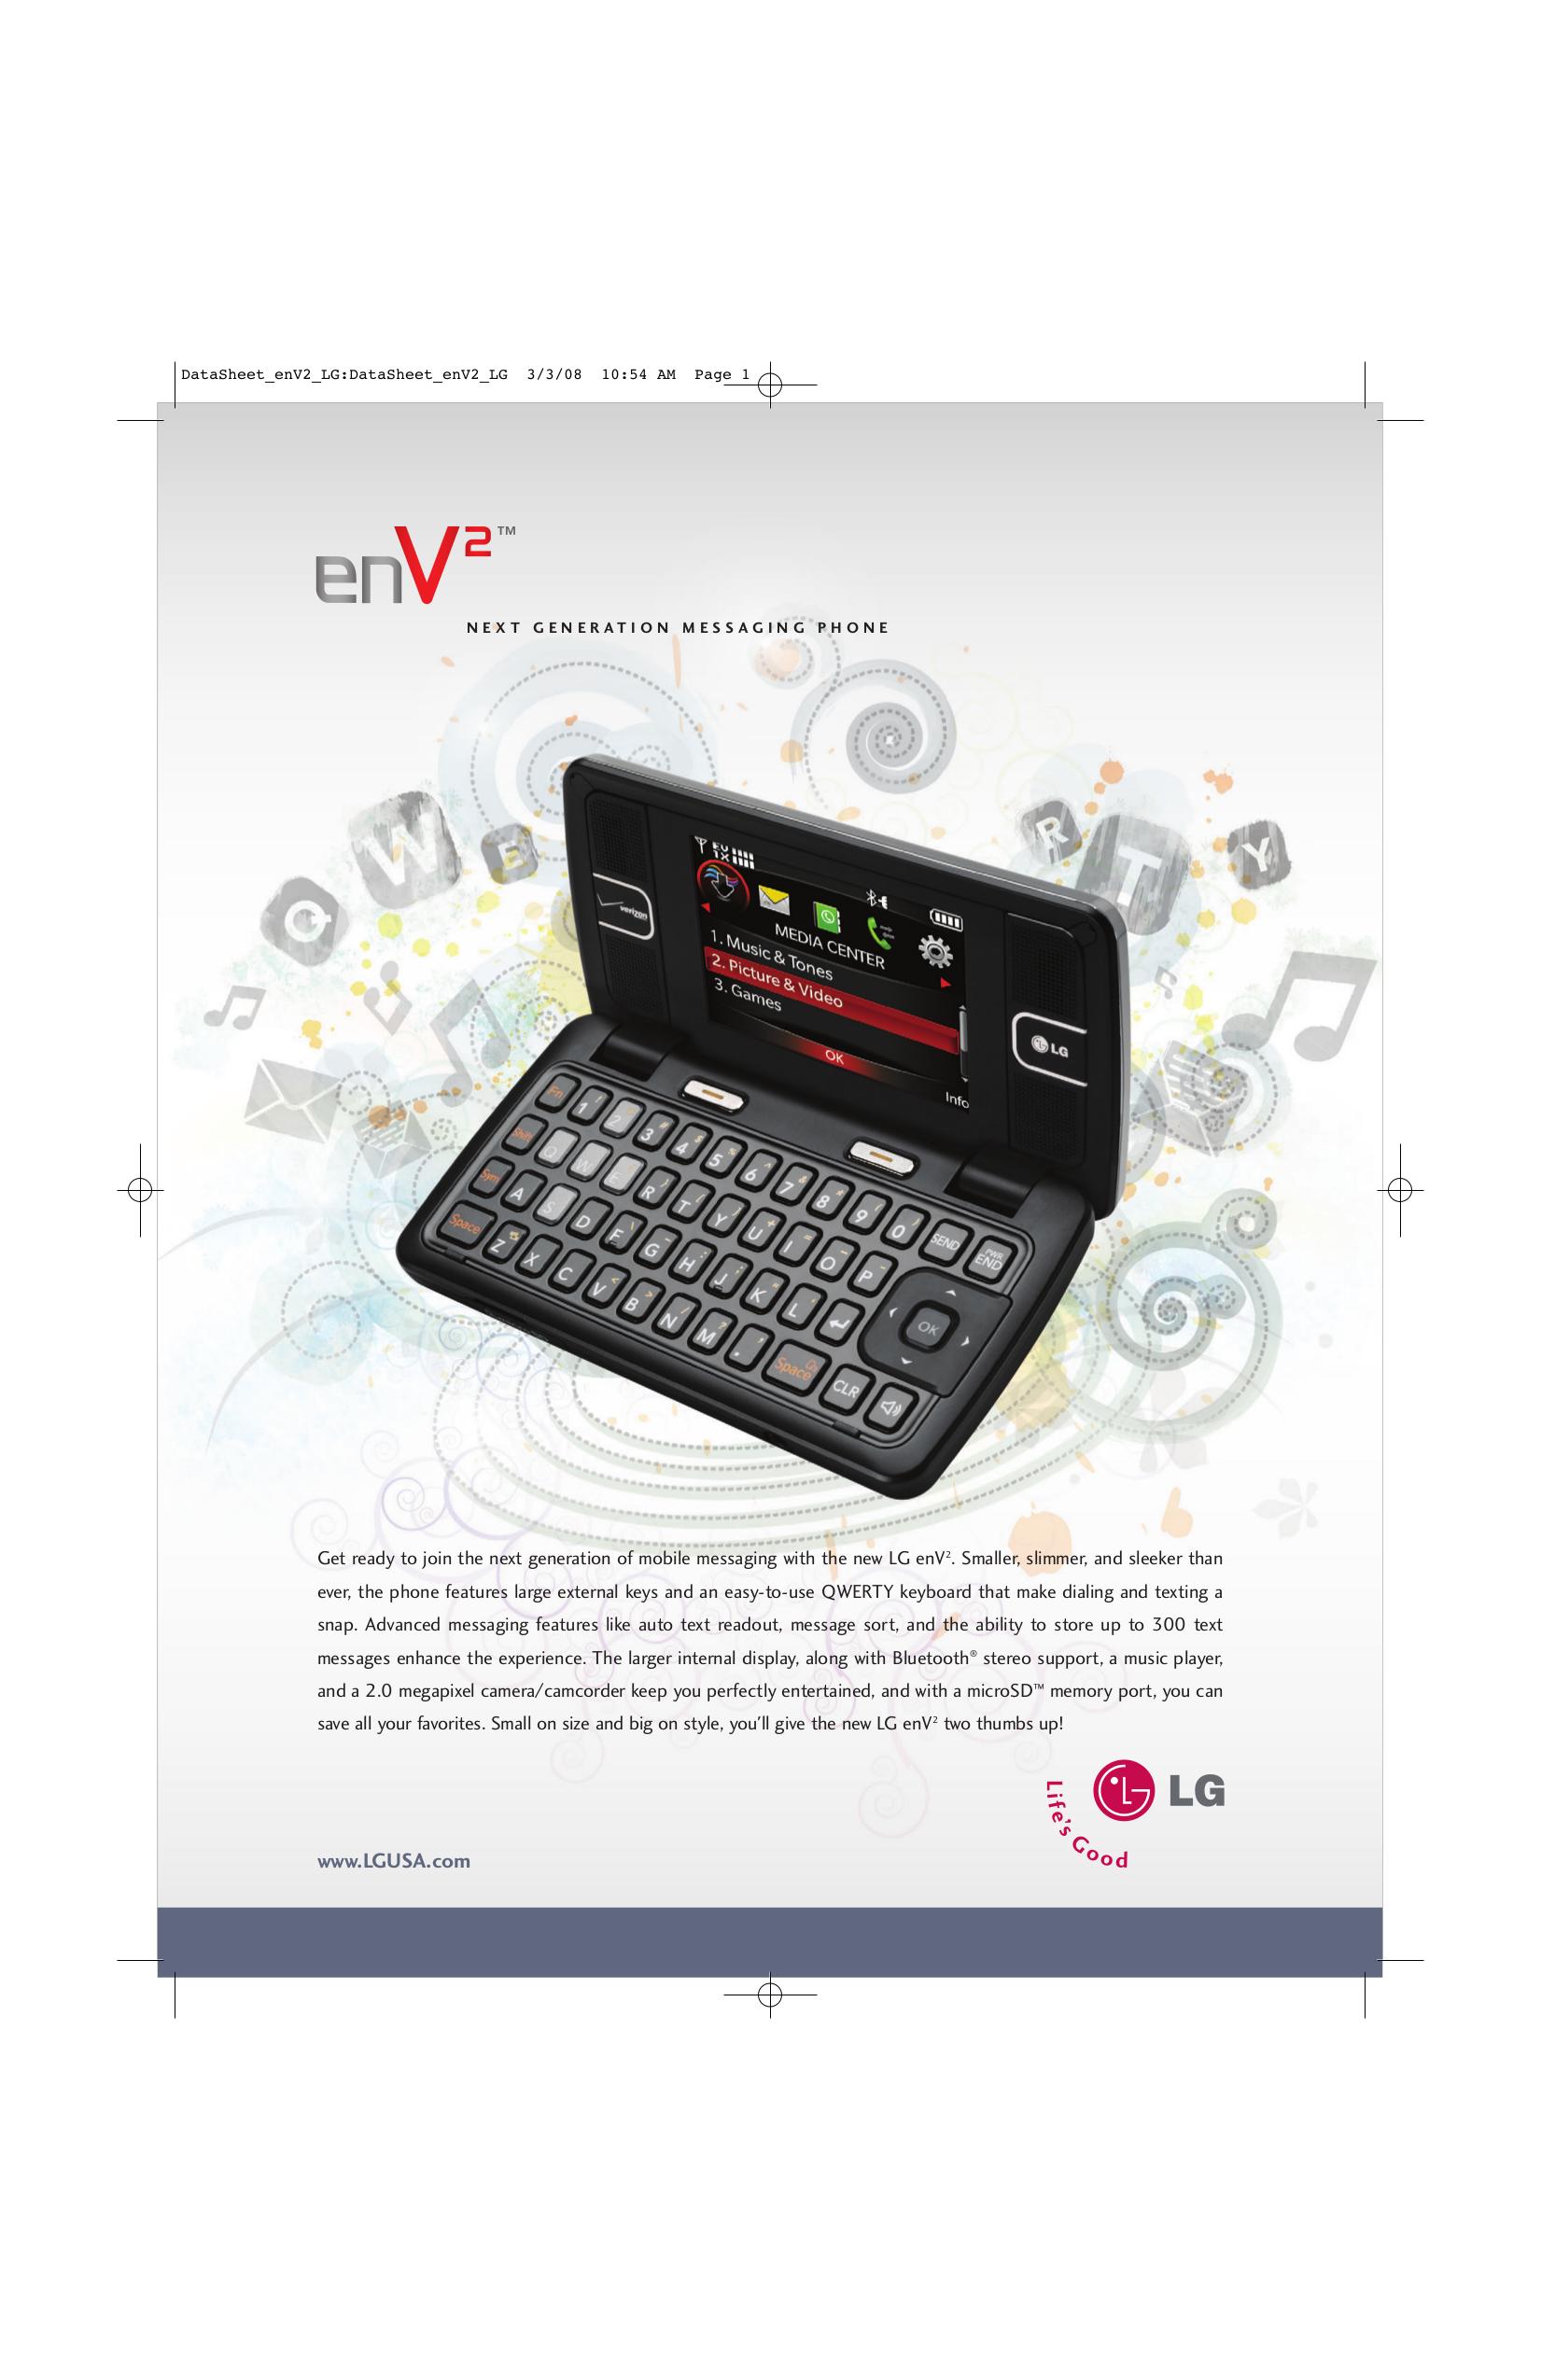 download free pdf for lg env2 cell phone manual rh umlib com LG VX9100 Cell Phone Verizon Wireless LG enV2 Phone